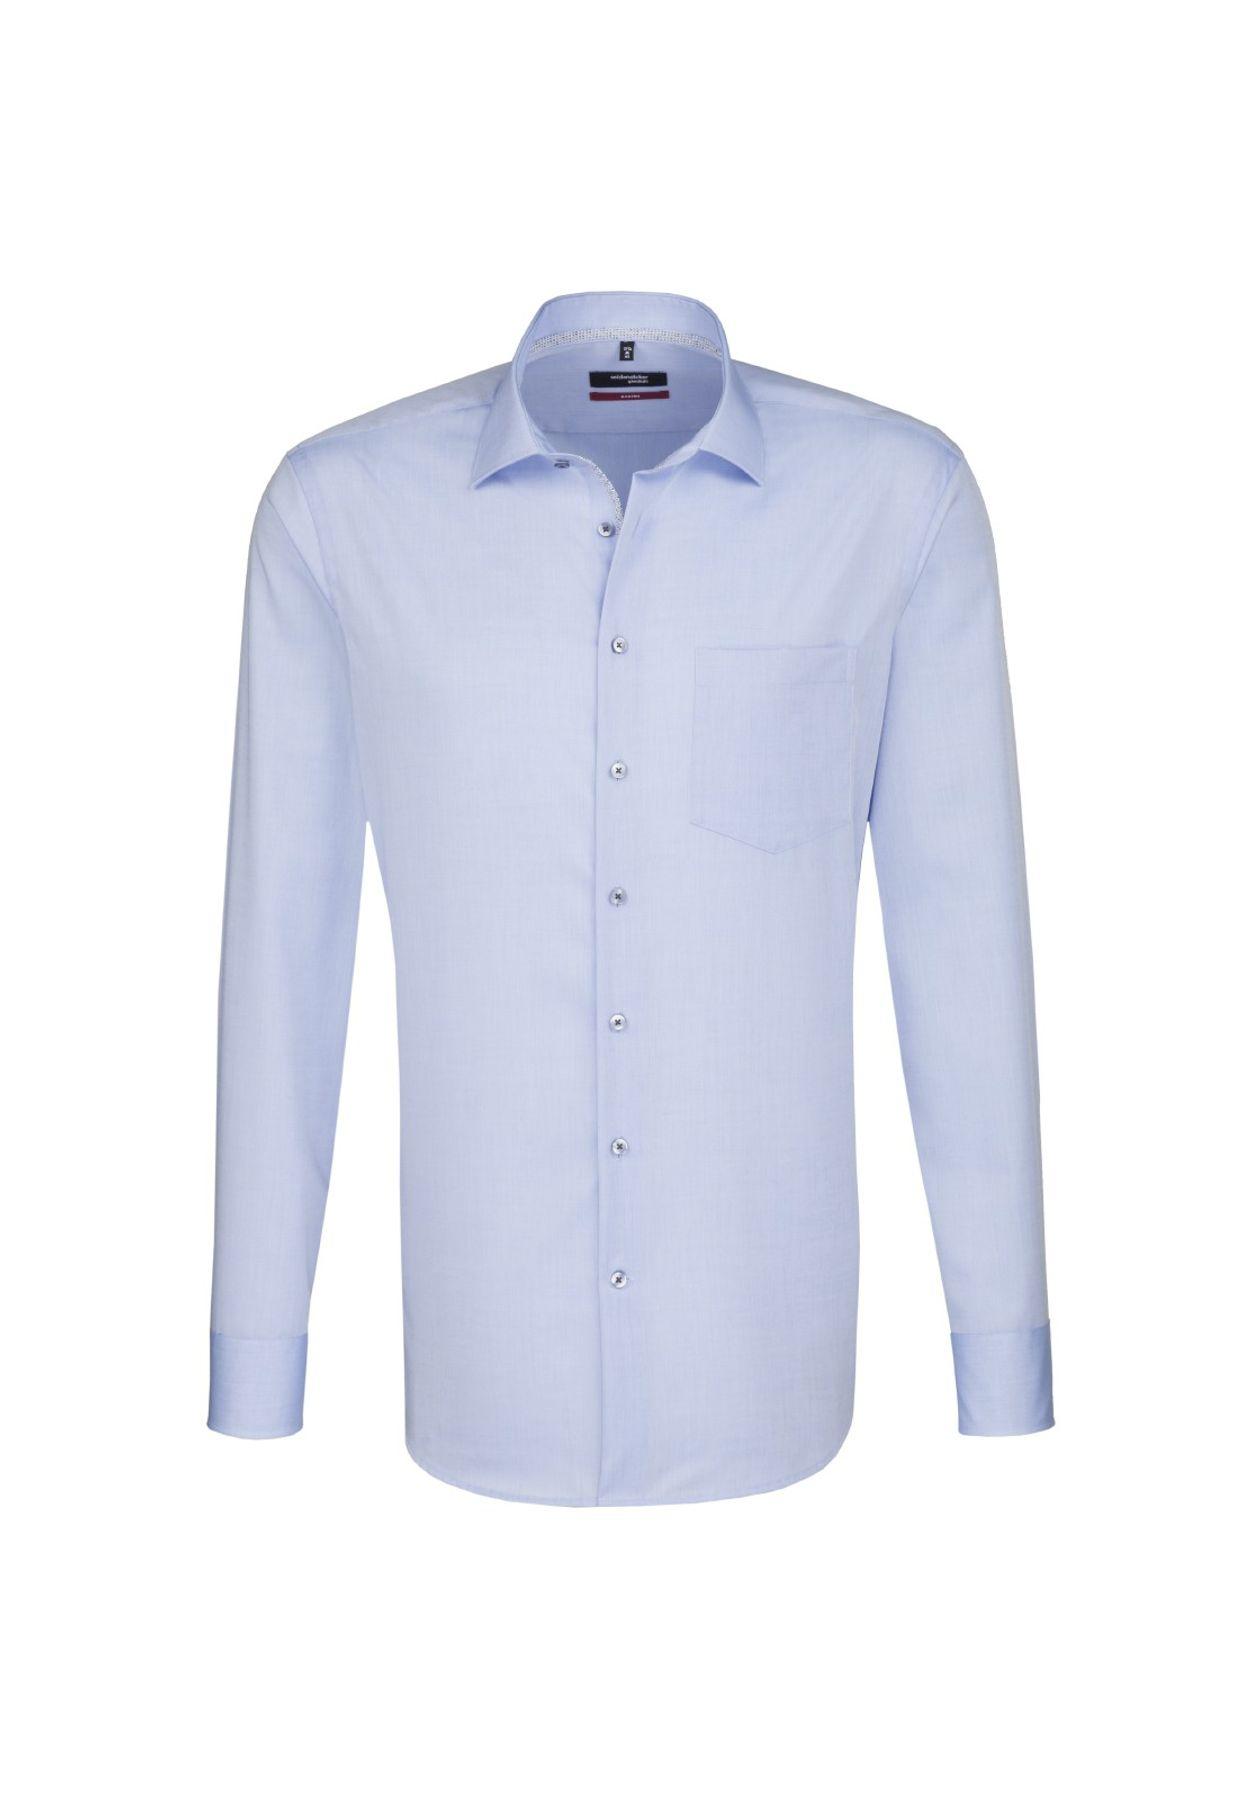 Seidensticker - Herren Hemd, Bügelfrei, Modern, Splendesto mit Kent Kragen in verschiedenen Farben (01.111846) – Bild 5